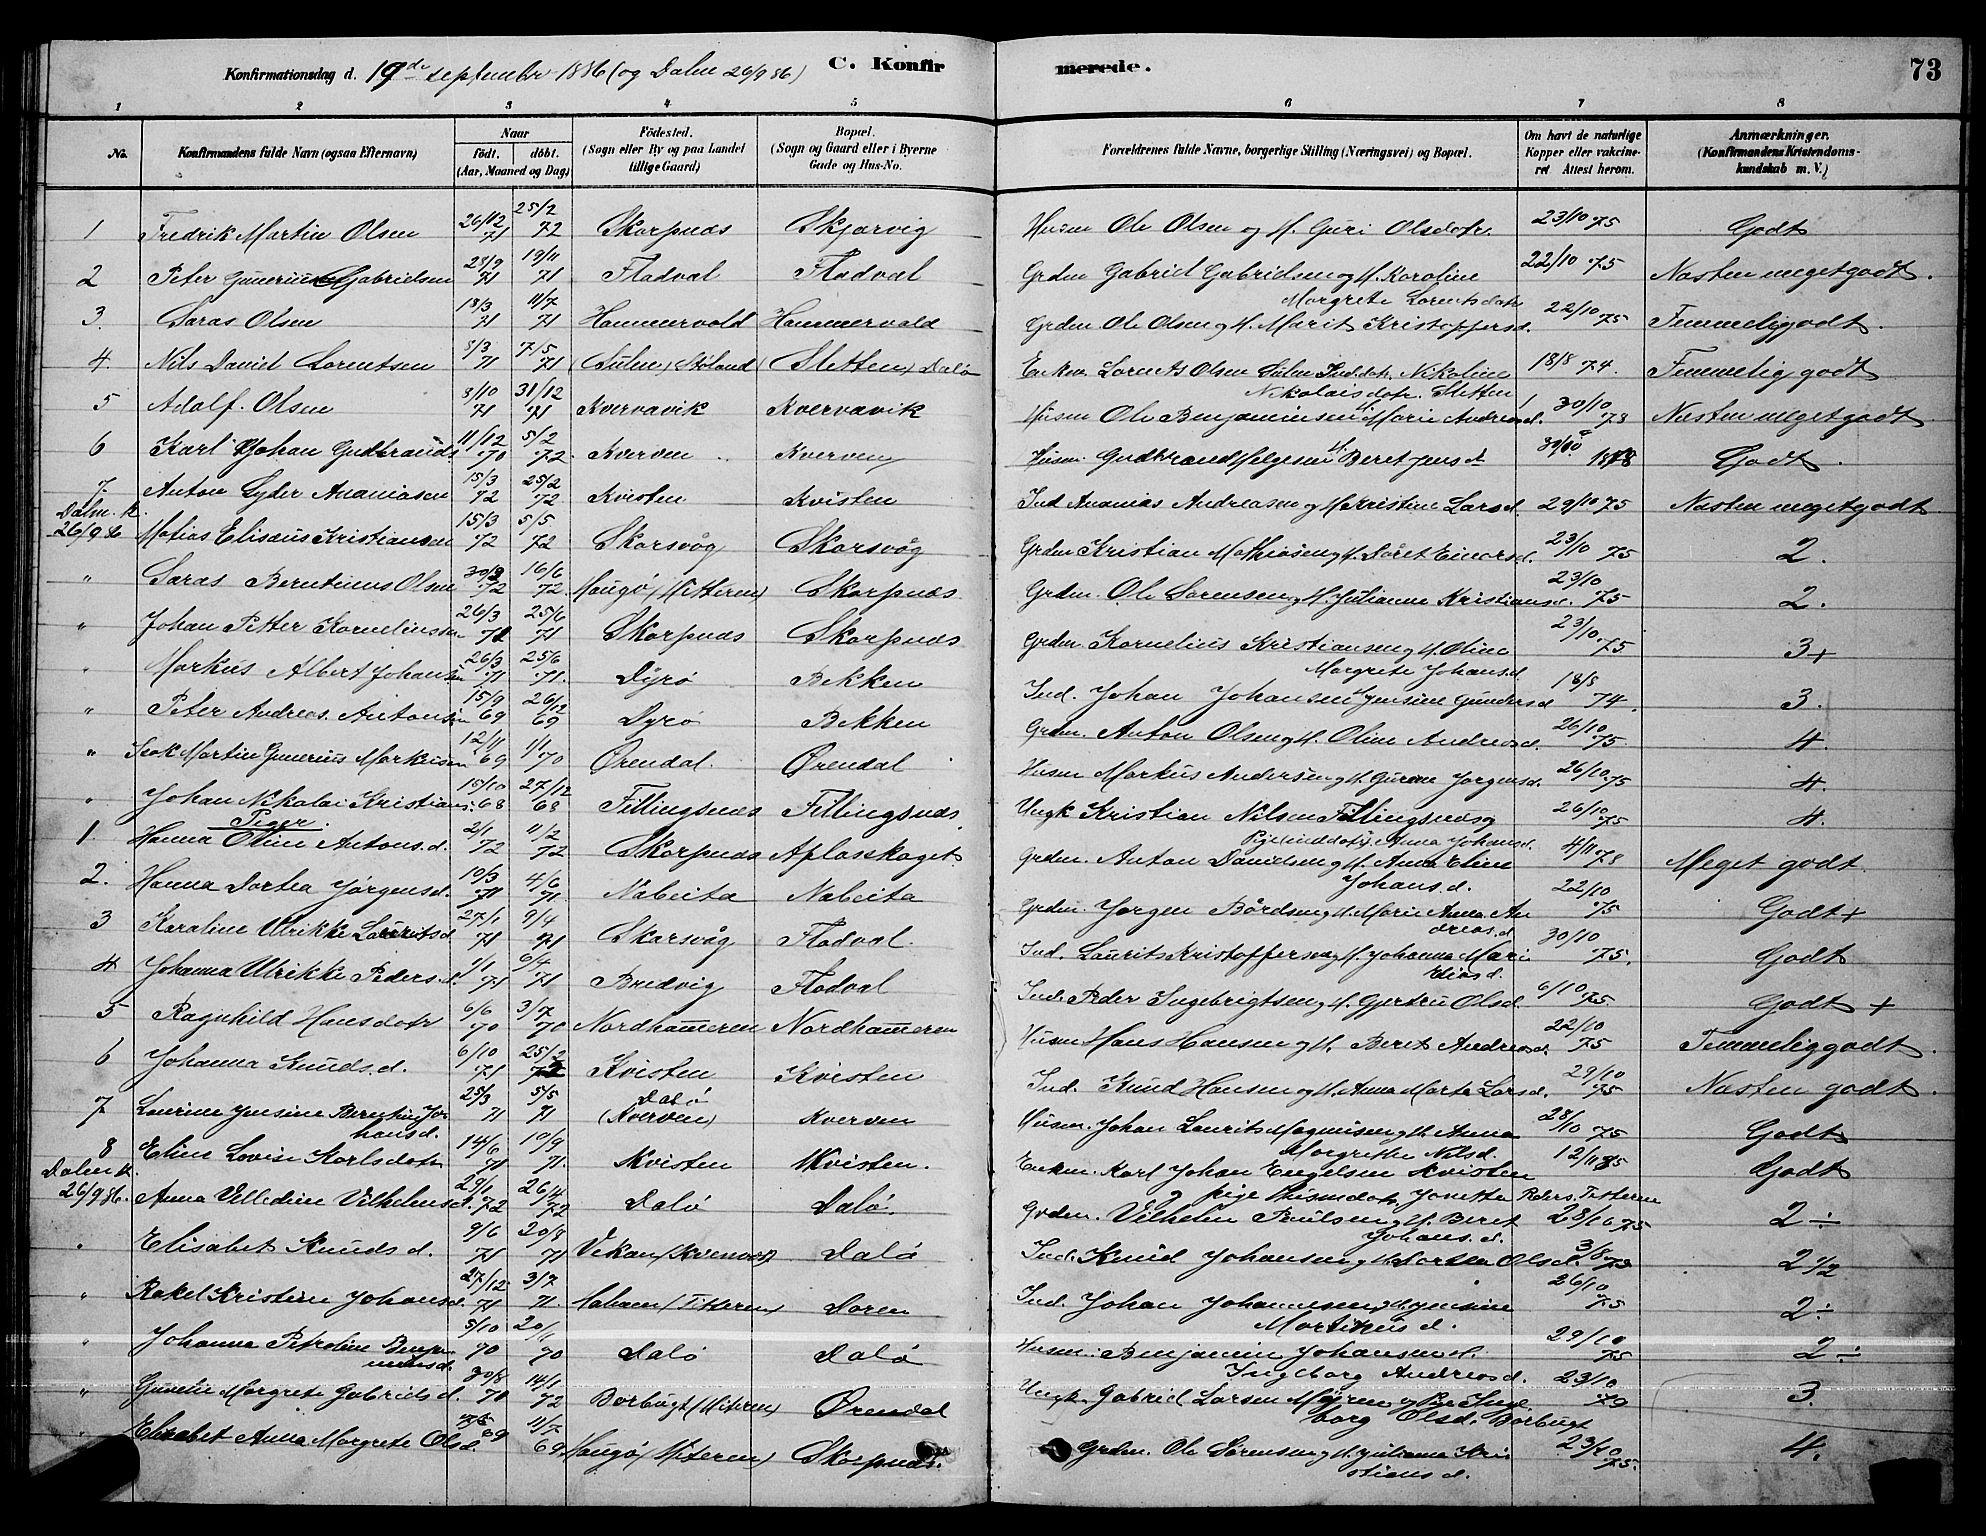 SAT, Ministerialprotokoller, klokkerbøker og fødselsregistre - Sør-Trøndelag, 641/L0597: Klokkerbok nr. 641C01, 1878-1893, s. 73